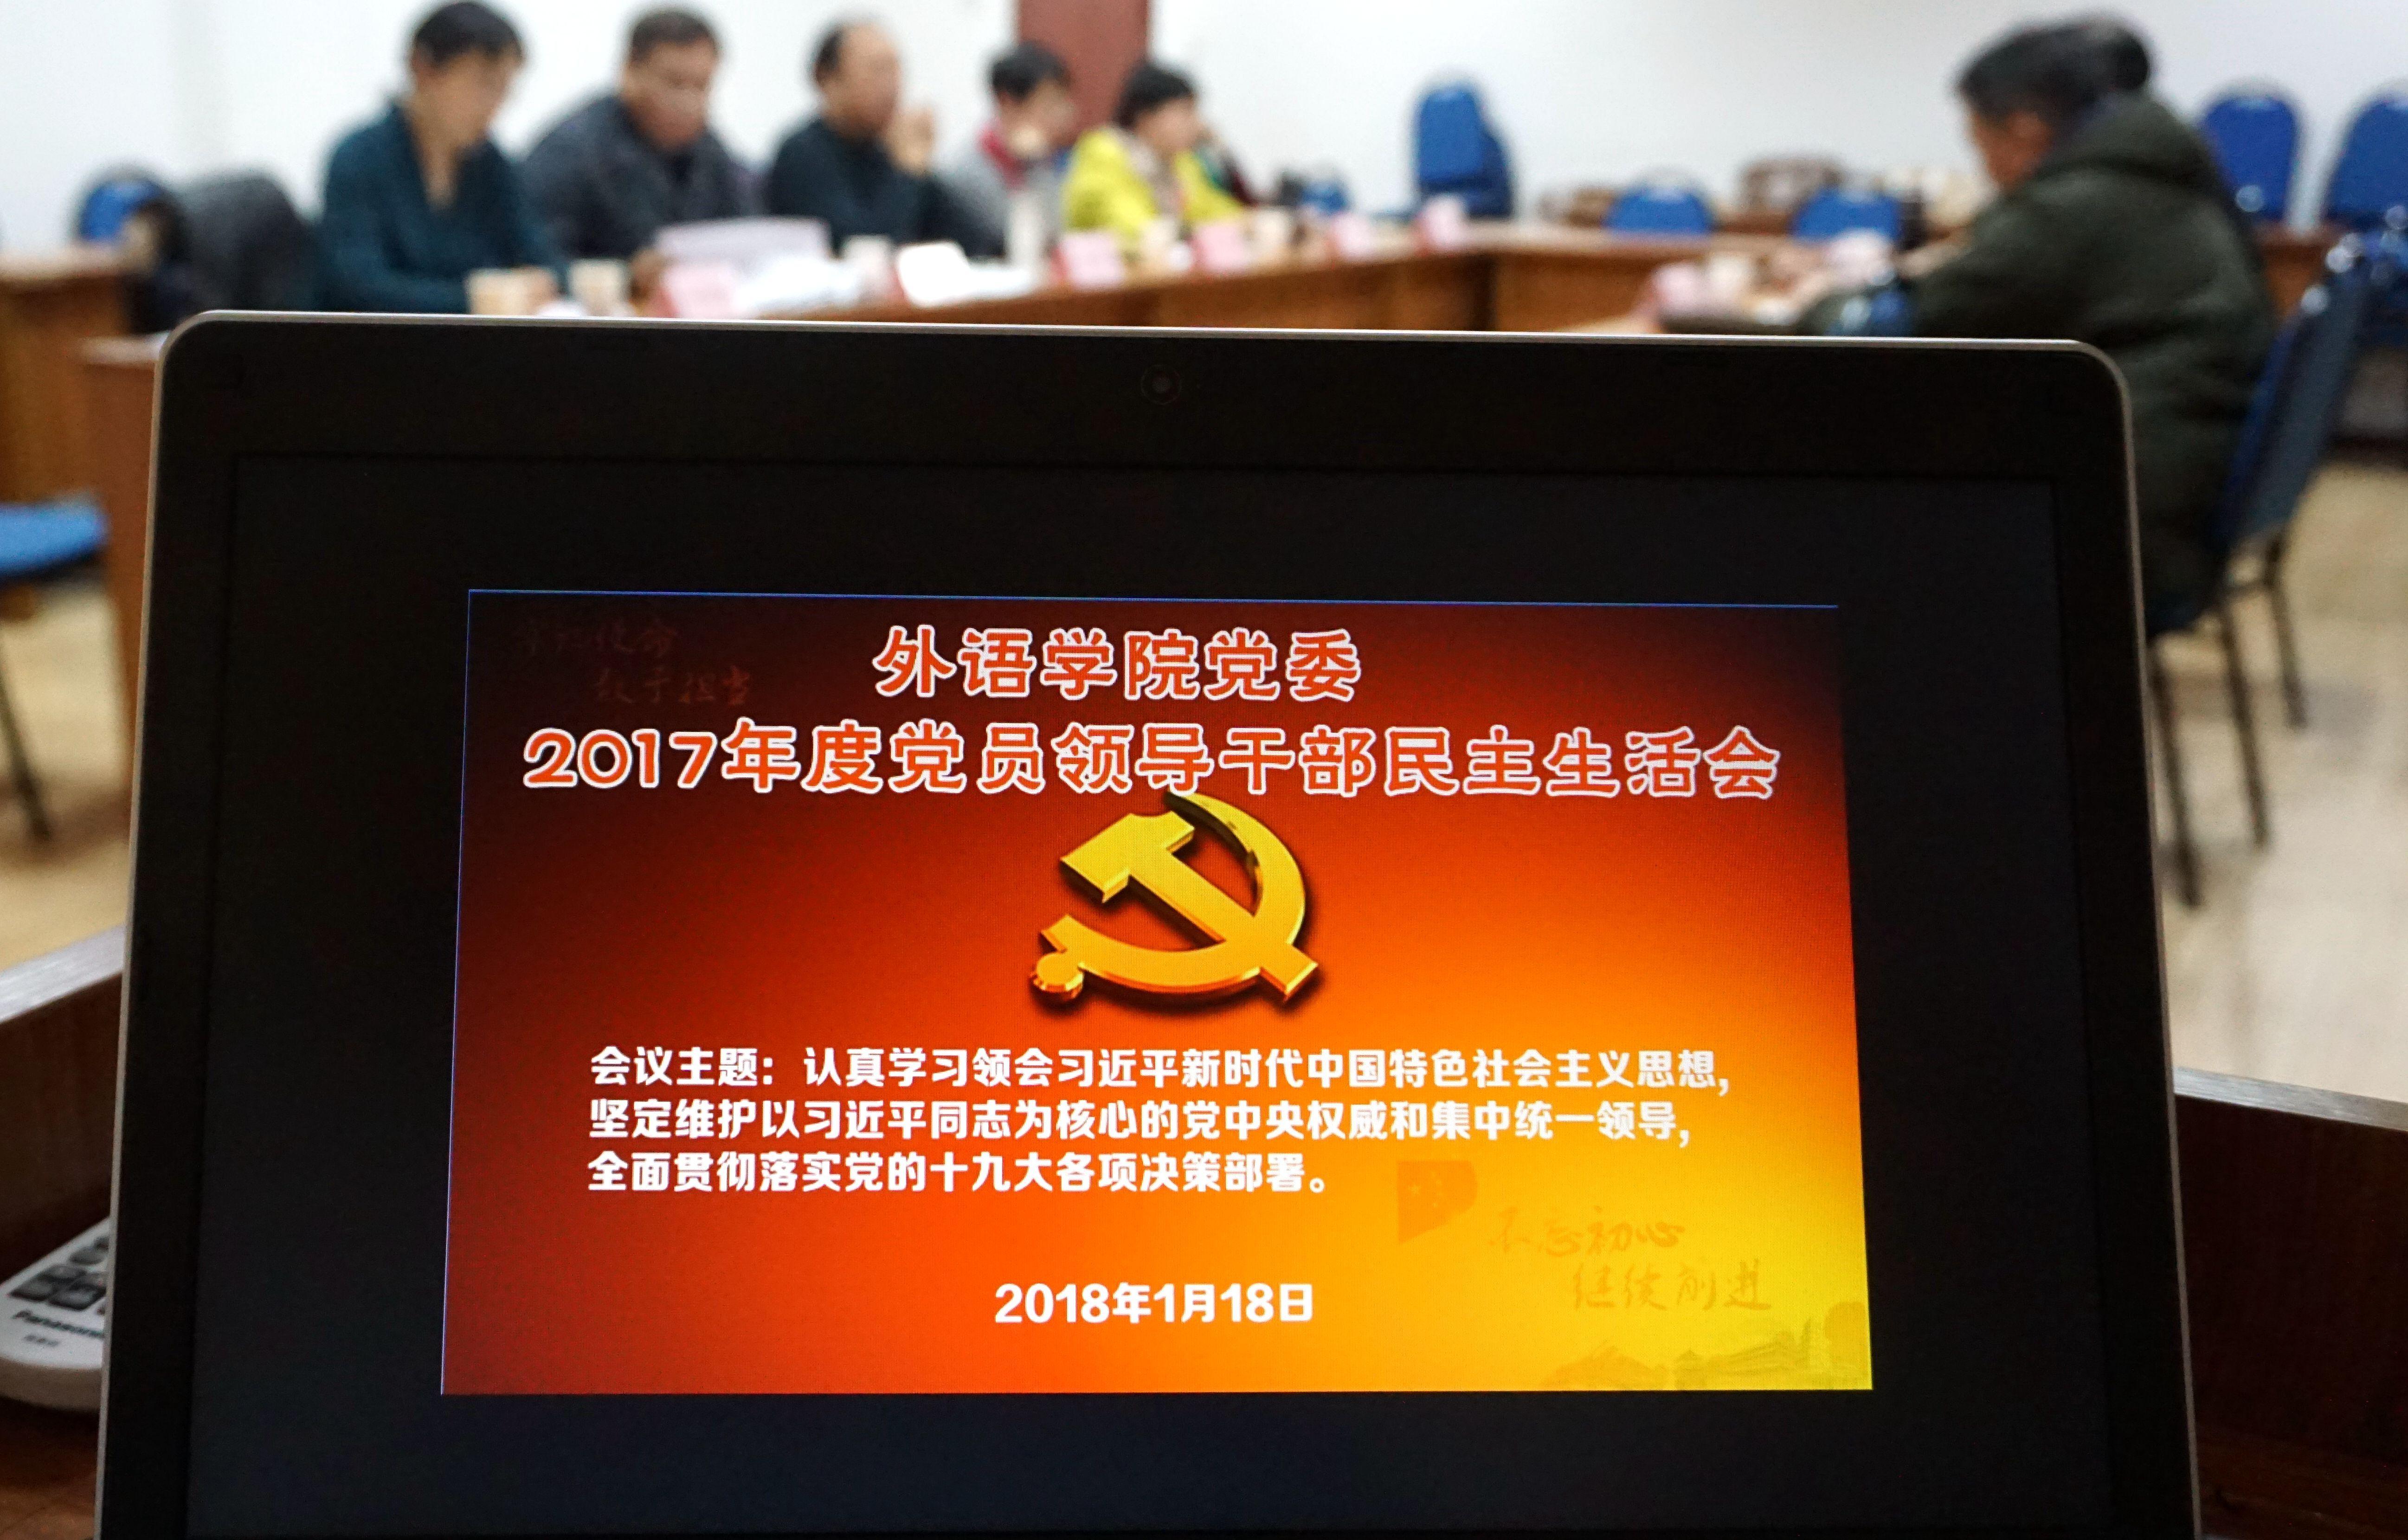 学院党委召开2017年度党员领导干部民主生活会